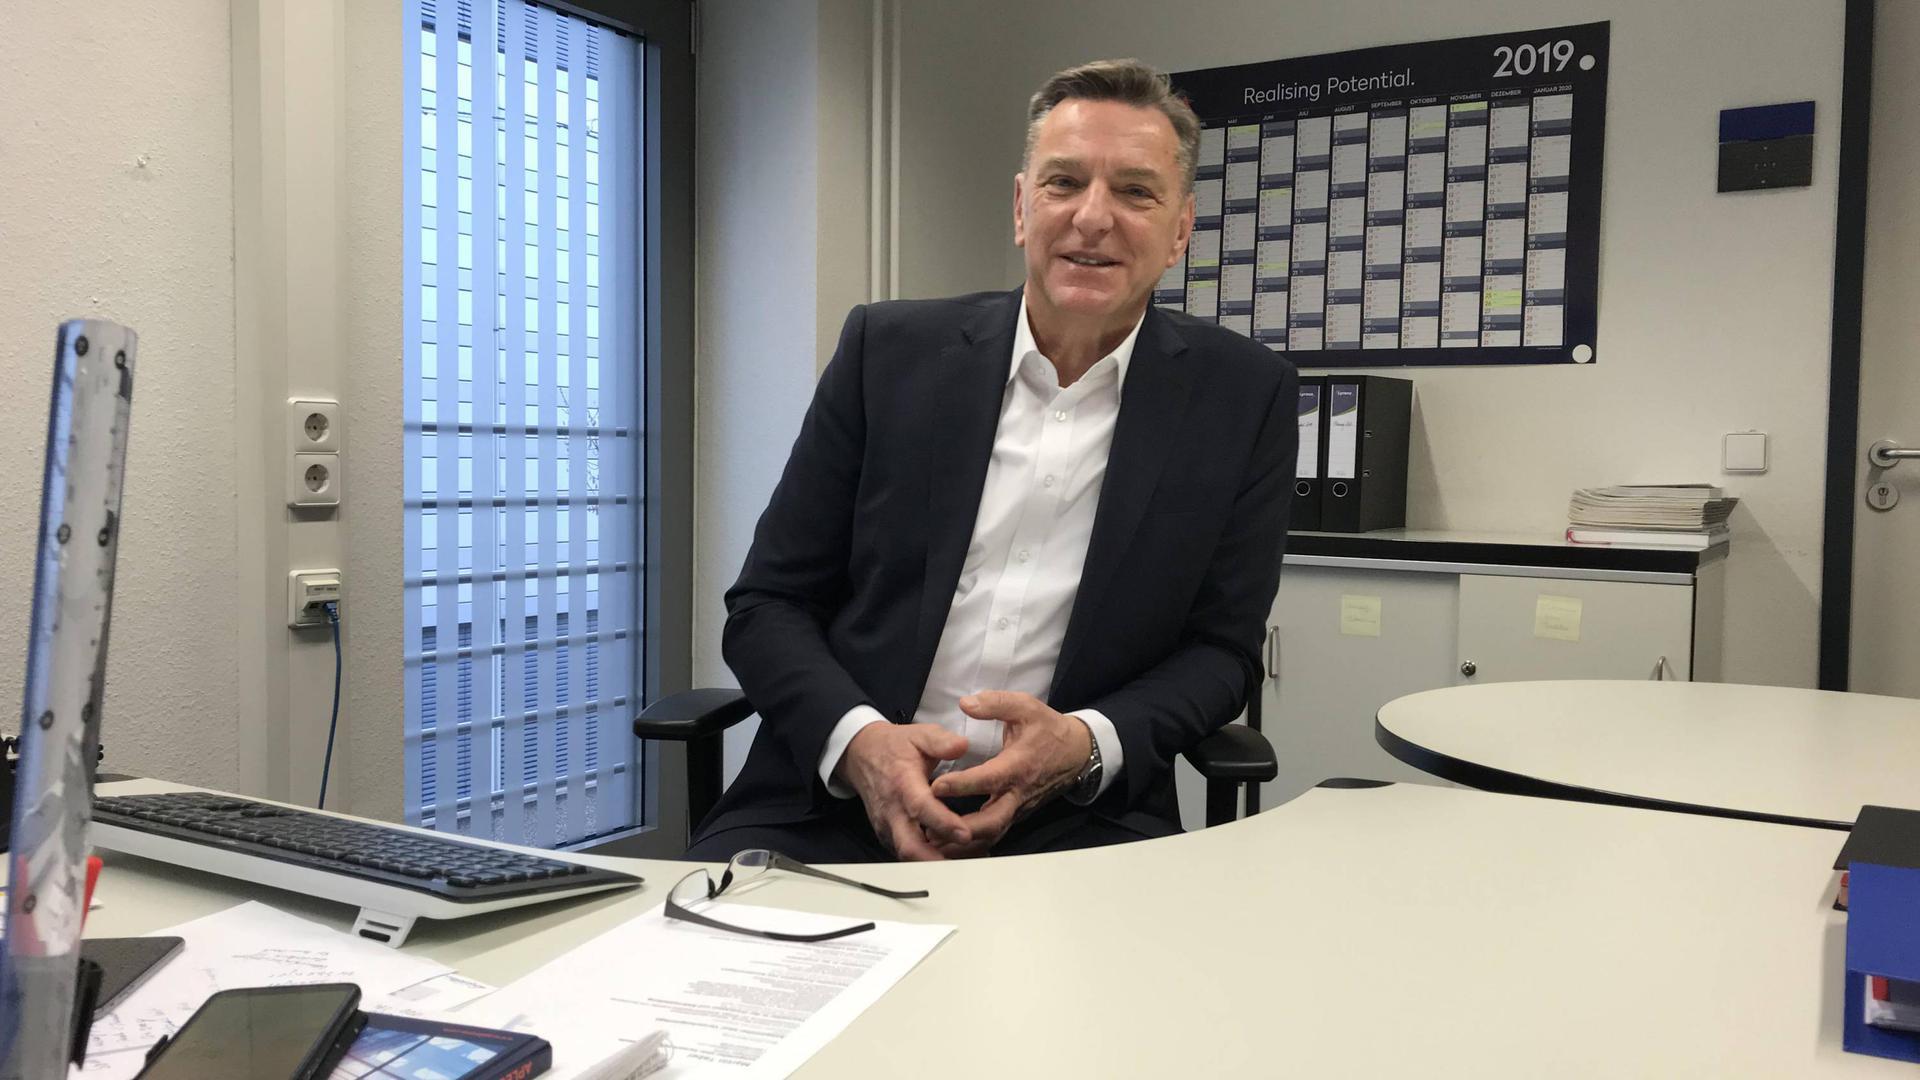 Neuer Schreibtisch, neue Aufgabe: Thomas Sänger ist seit Monatsbeginn für die Schlössle Galerie verantwortlich. Foto: eko